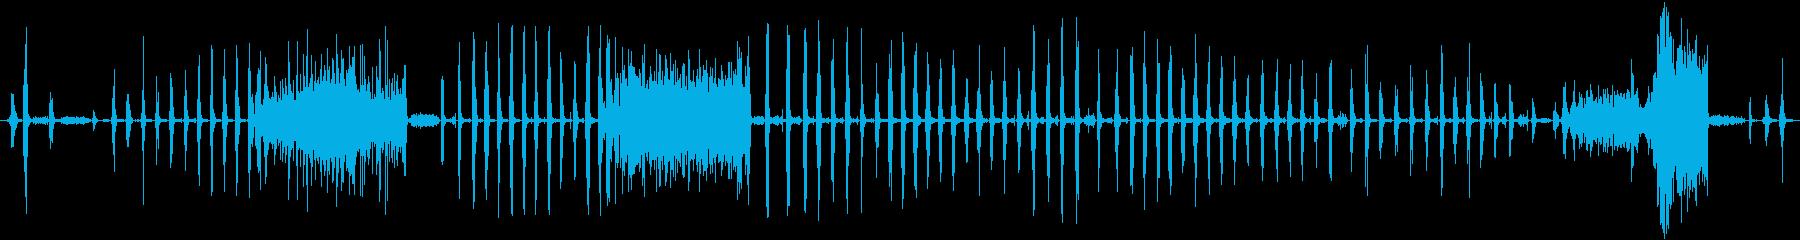 大きなラットチャッタークリーチャー...の再生済みの波形